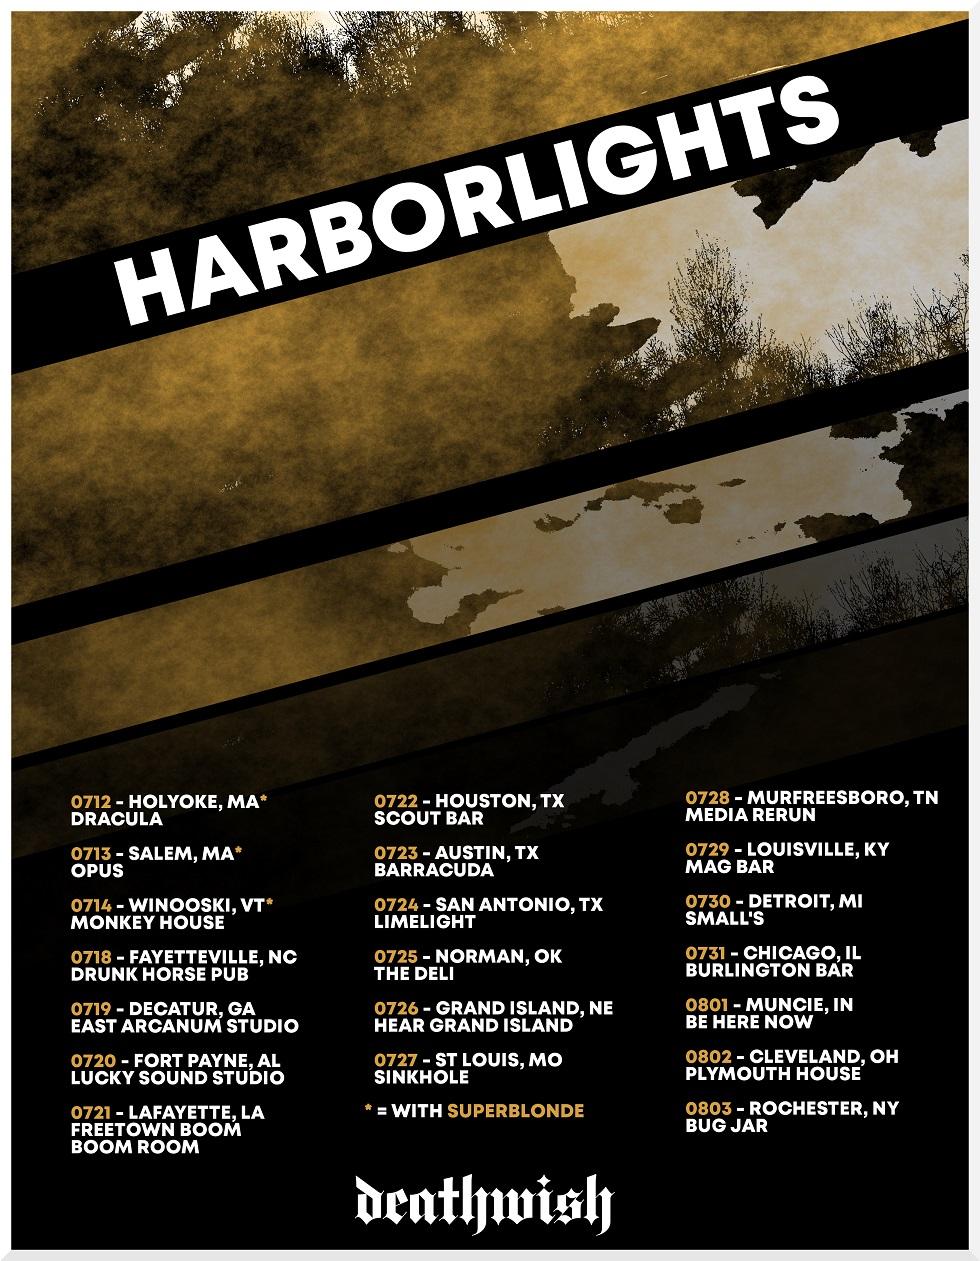 HarborLights (USA Tour)